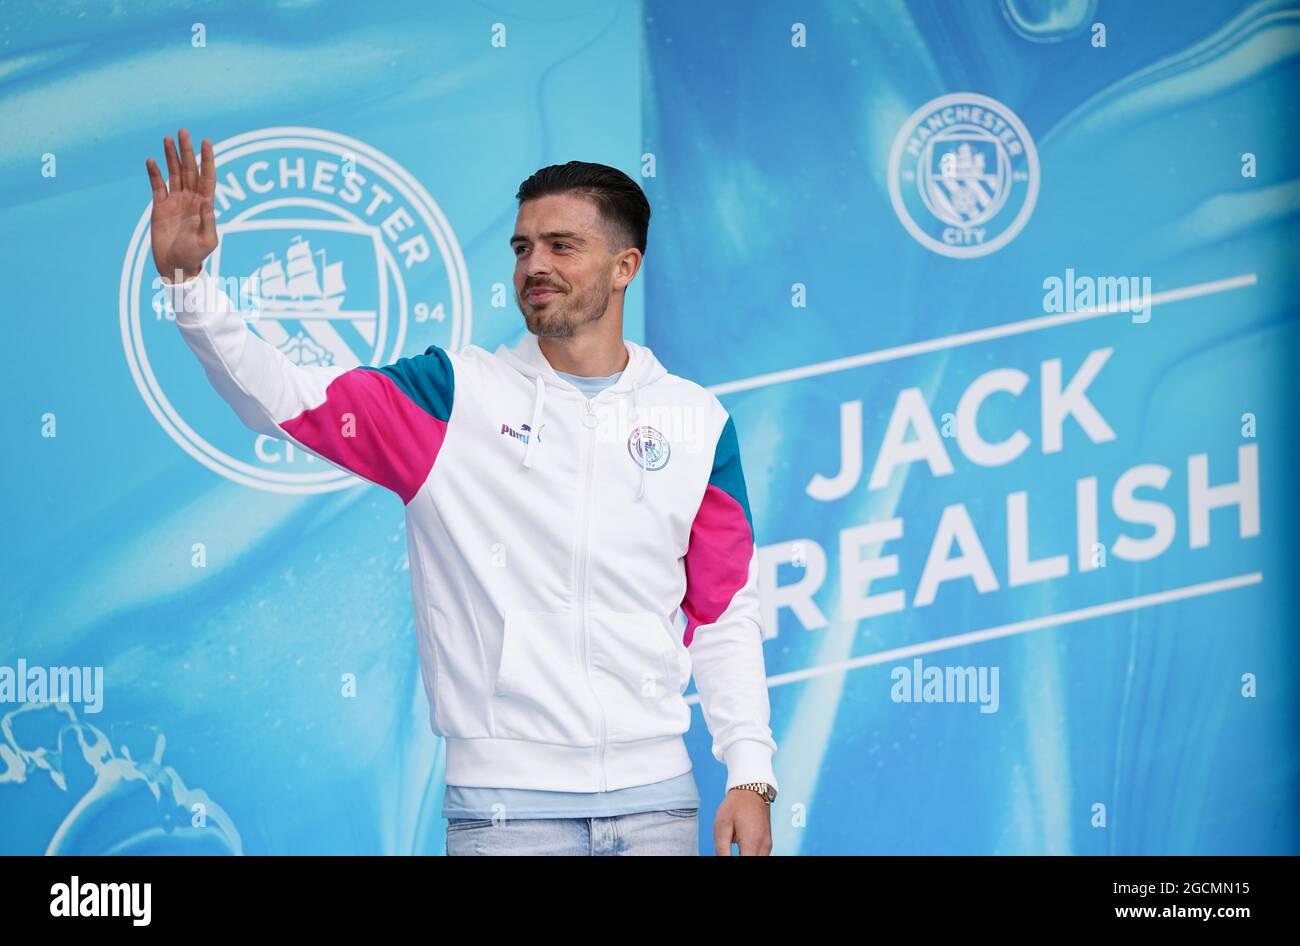 Der neue singende Jack Grealish von Manchester City begrüßt die Fans nach der Pressekonferenz im Etihad Stadium, Manchester. Bilddatum: Montag, 9. August 2021. Stockfoto